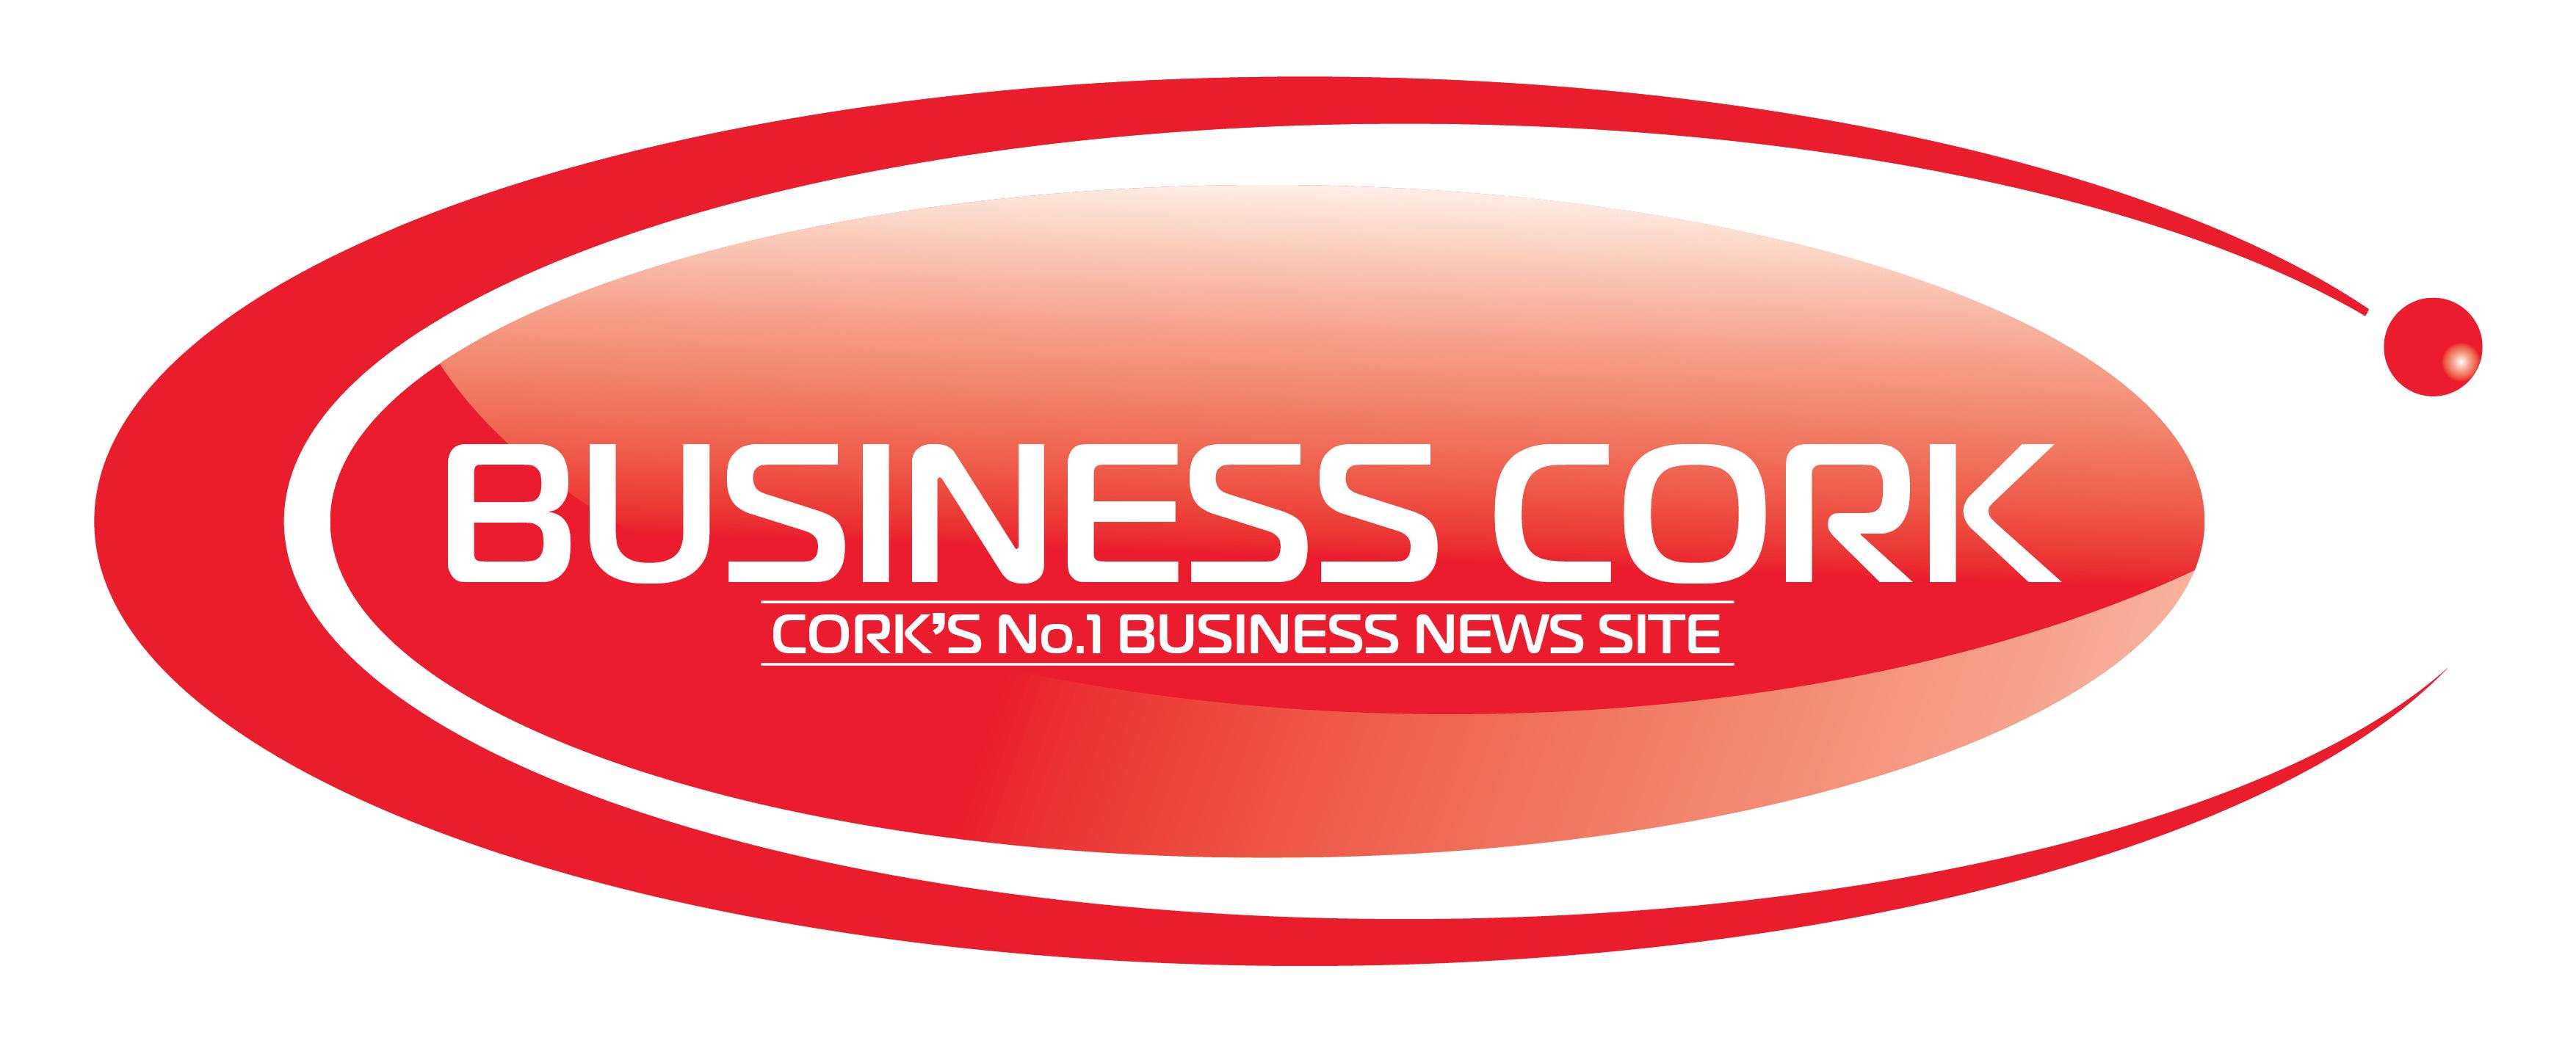 Online Dating in Cork   Date men or women in Cork - Badoo